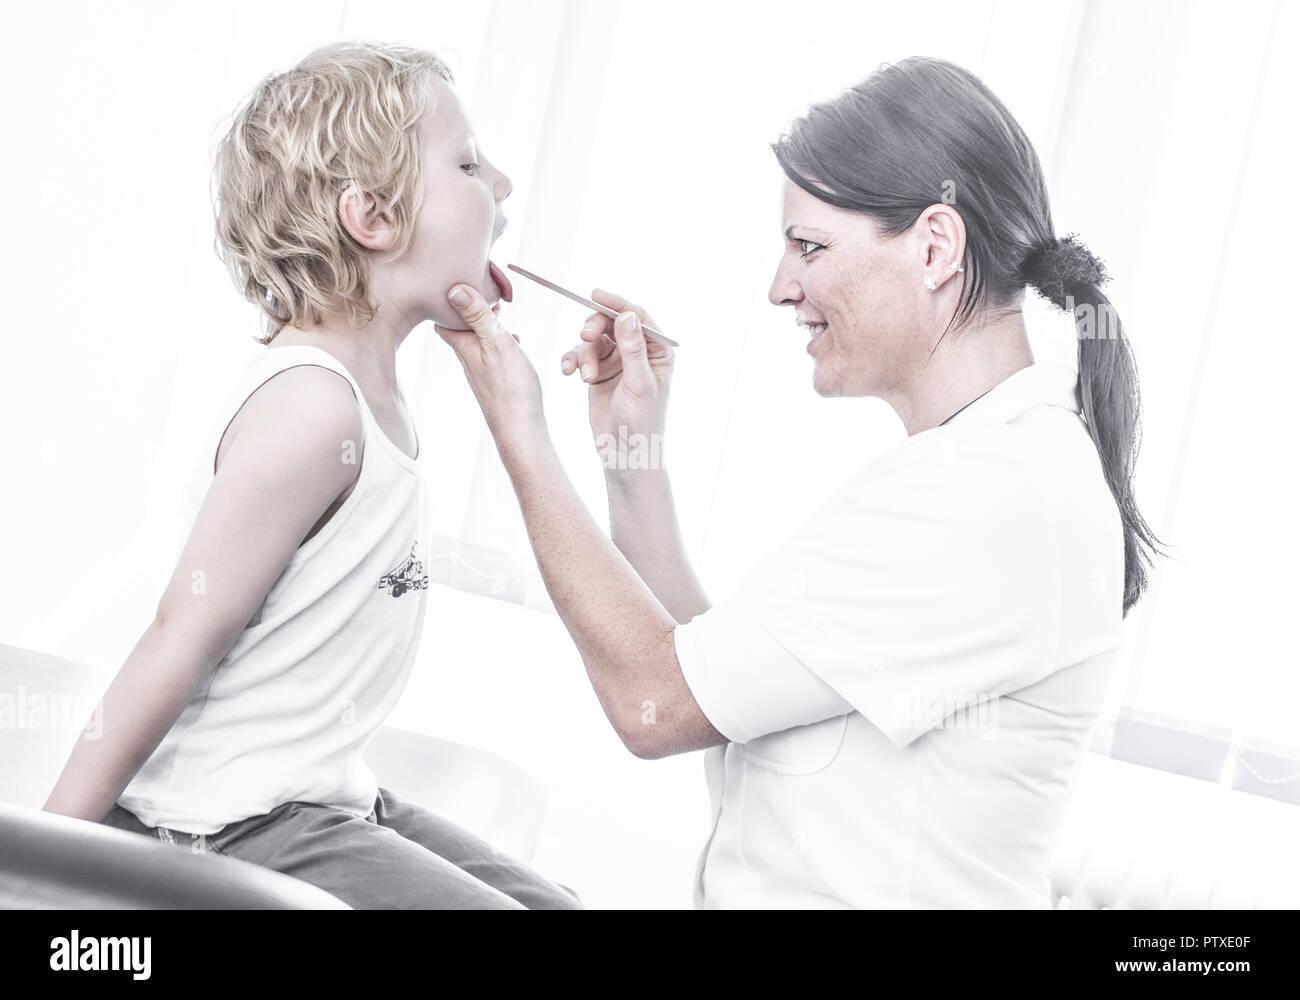 Aerztin sieht kleinem Jungen in den Hals (model-released) - Stock Image